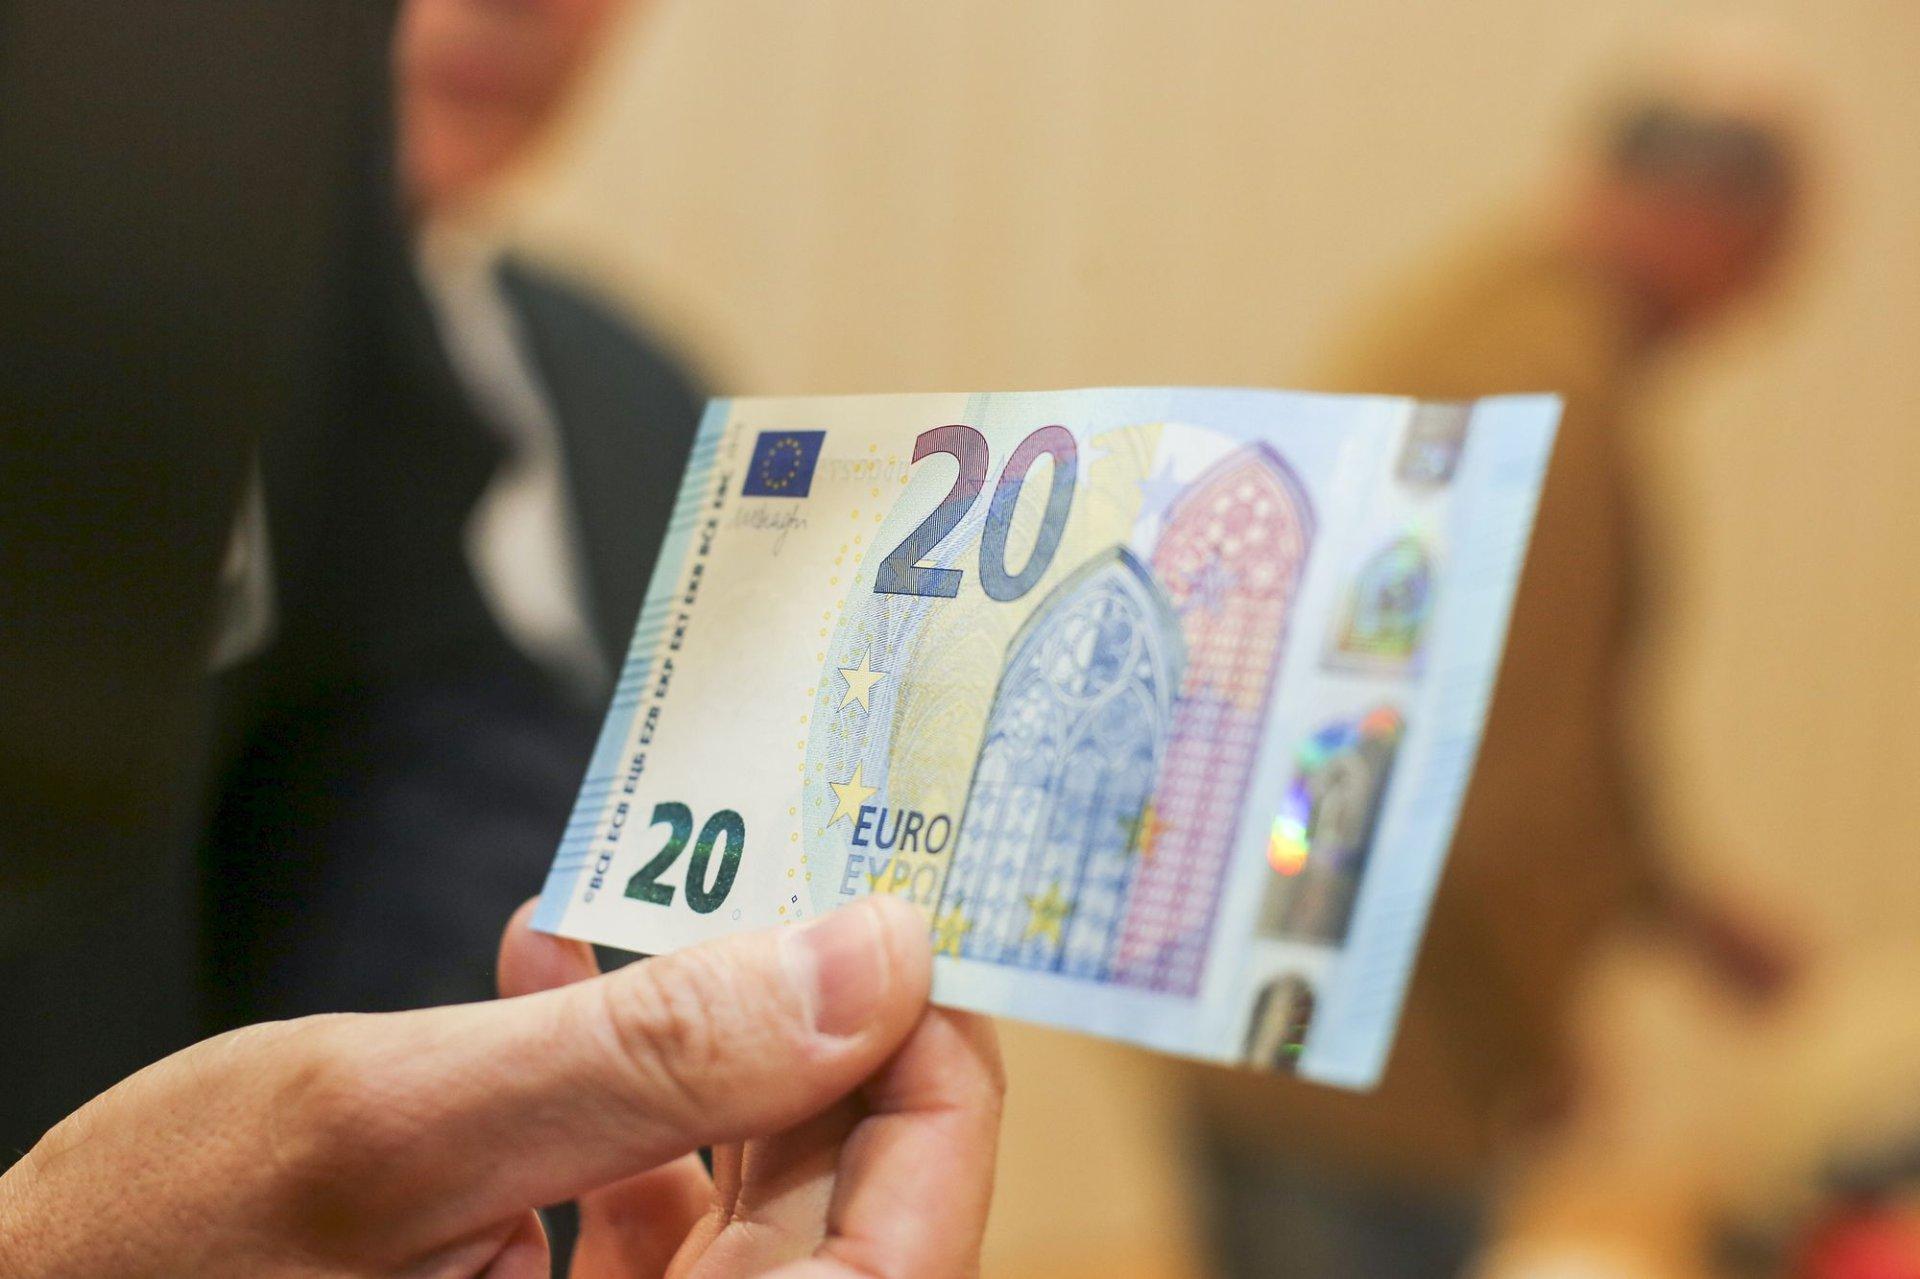 kaip teisingai investuoti į internetą kaip legaliai užsidirbti pinigų iš bitkoinų